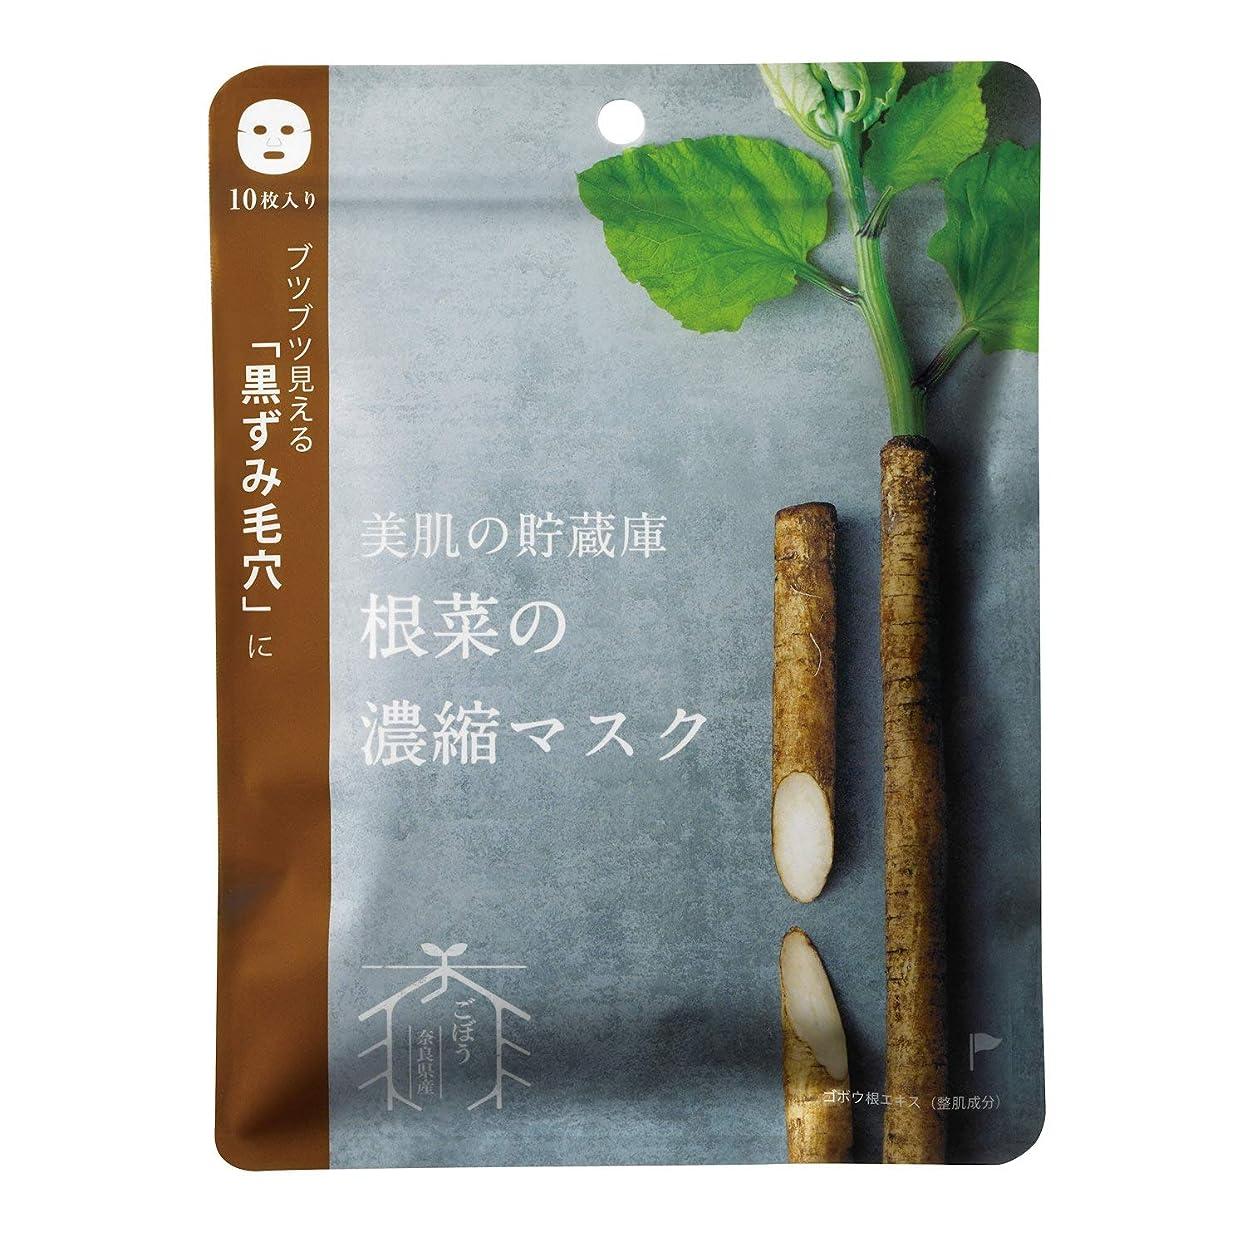 メロディー機関車辛い@cosme nippon 美肌の貯蔵庫 根菜の濃縮マスク 宇陀金ごぼう 10枚 160ml